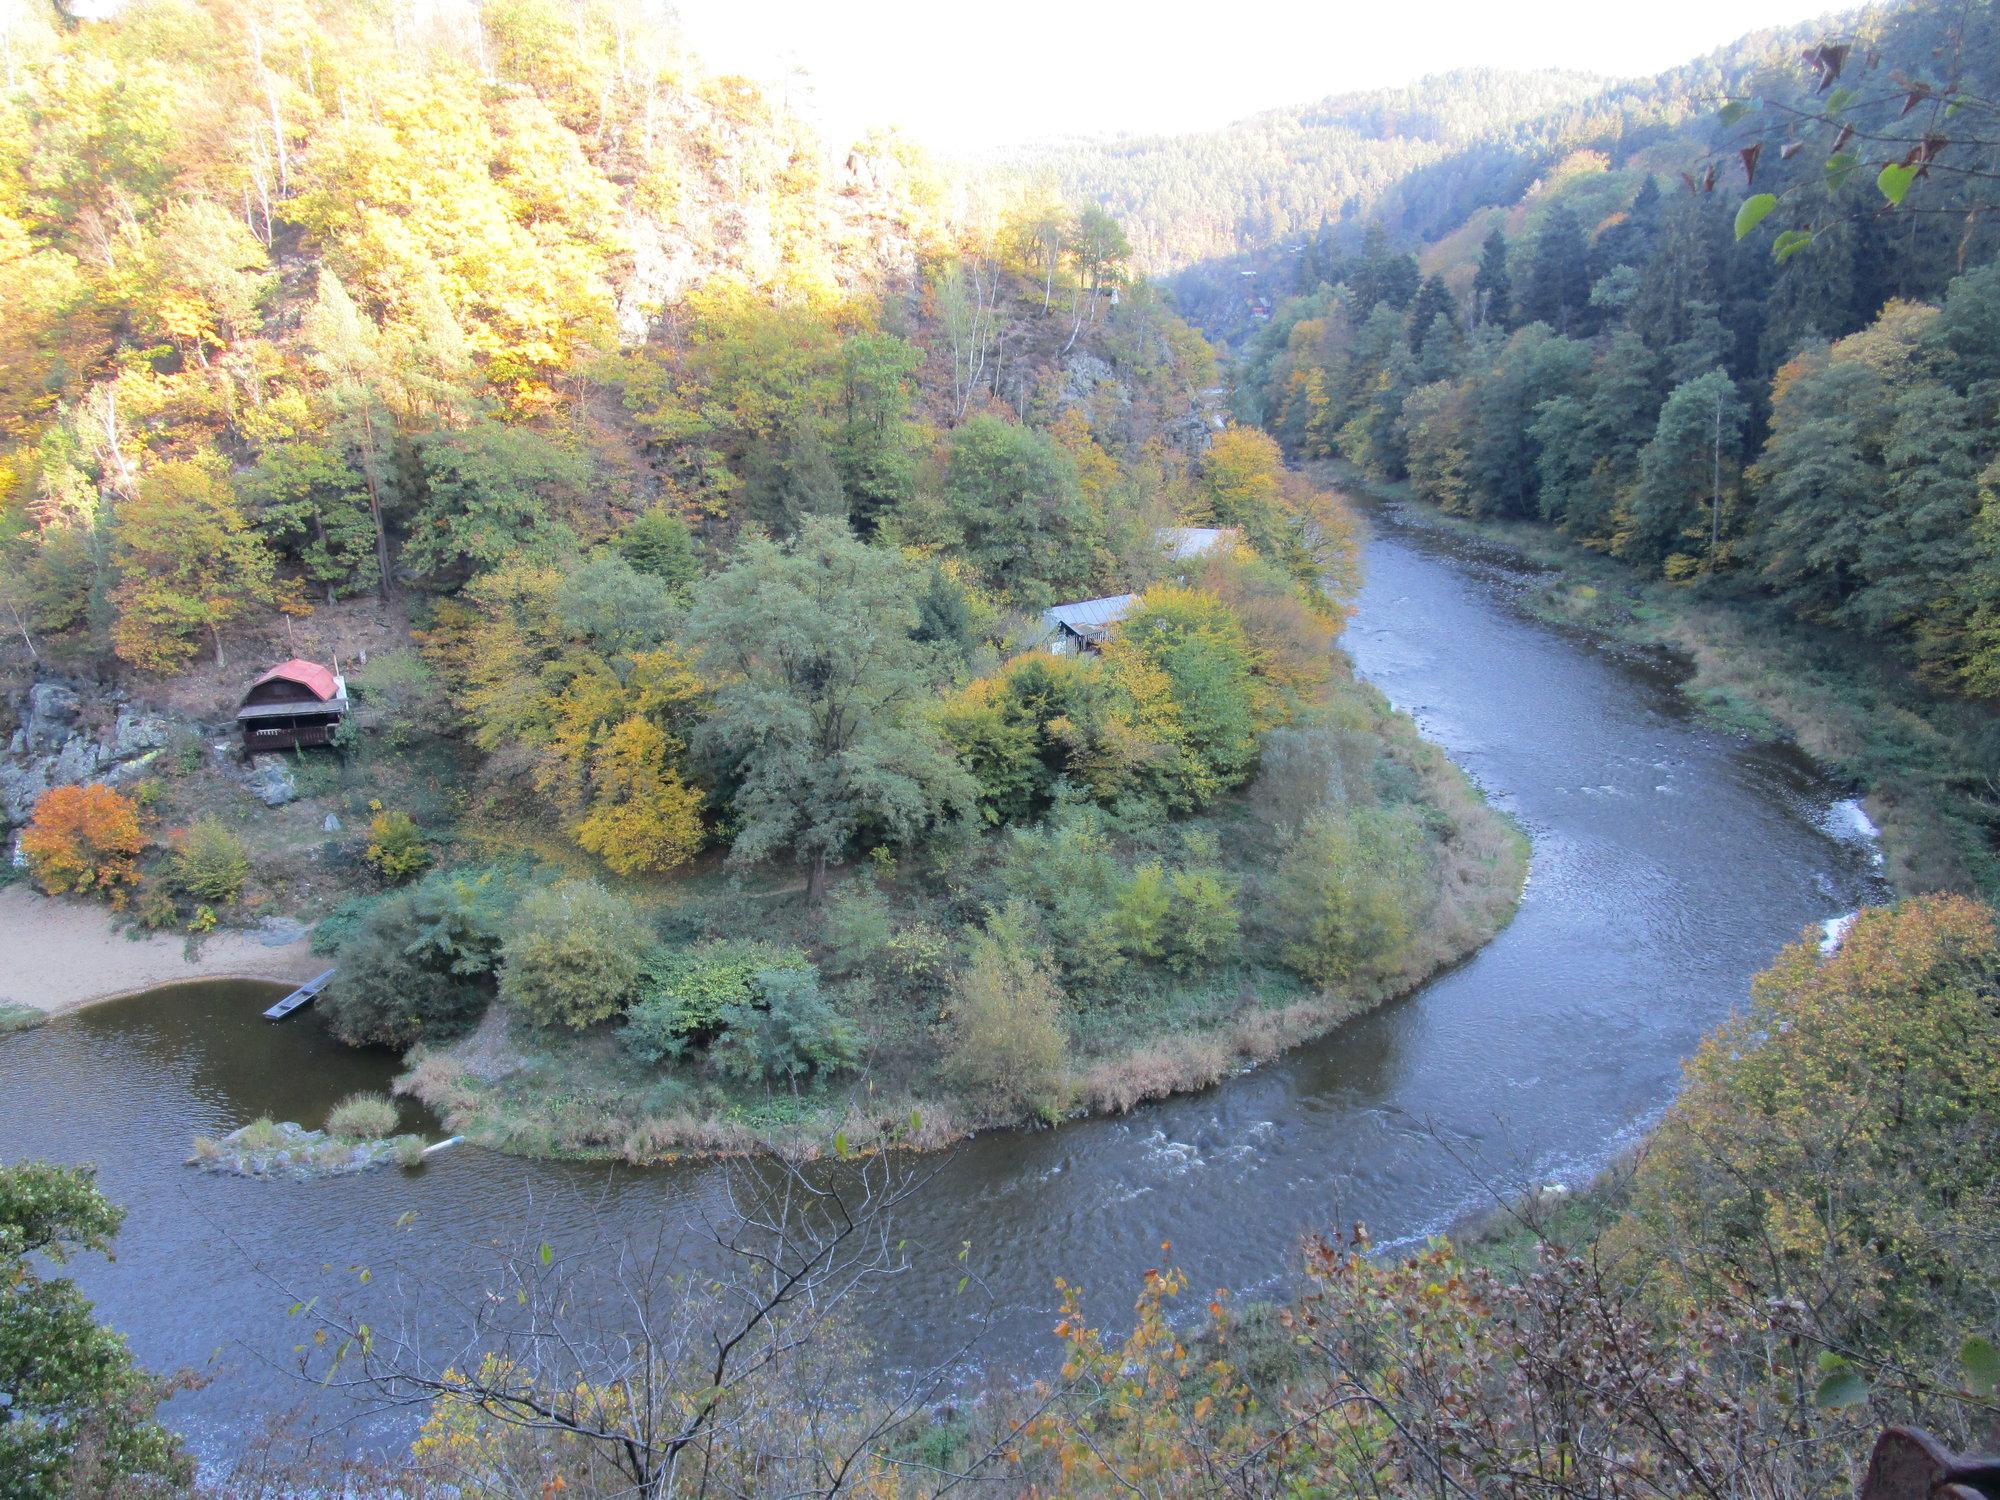 the river Sazava and Luky pod Mednikem settlement